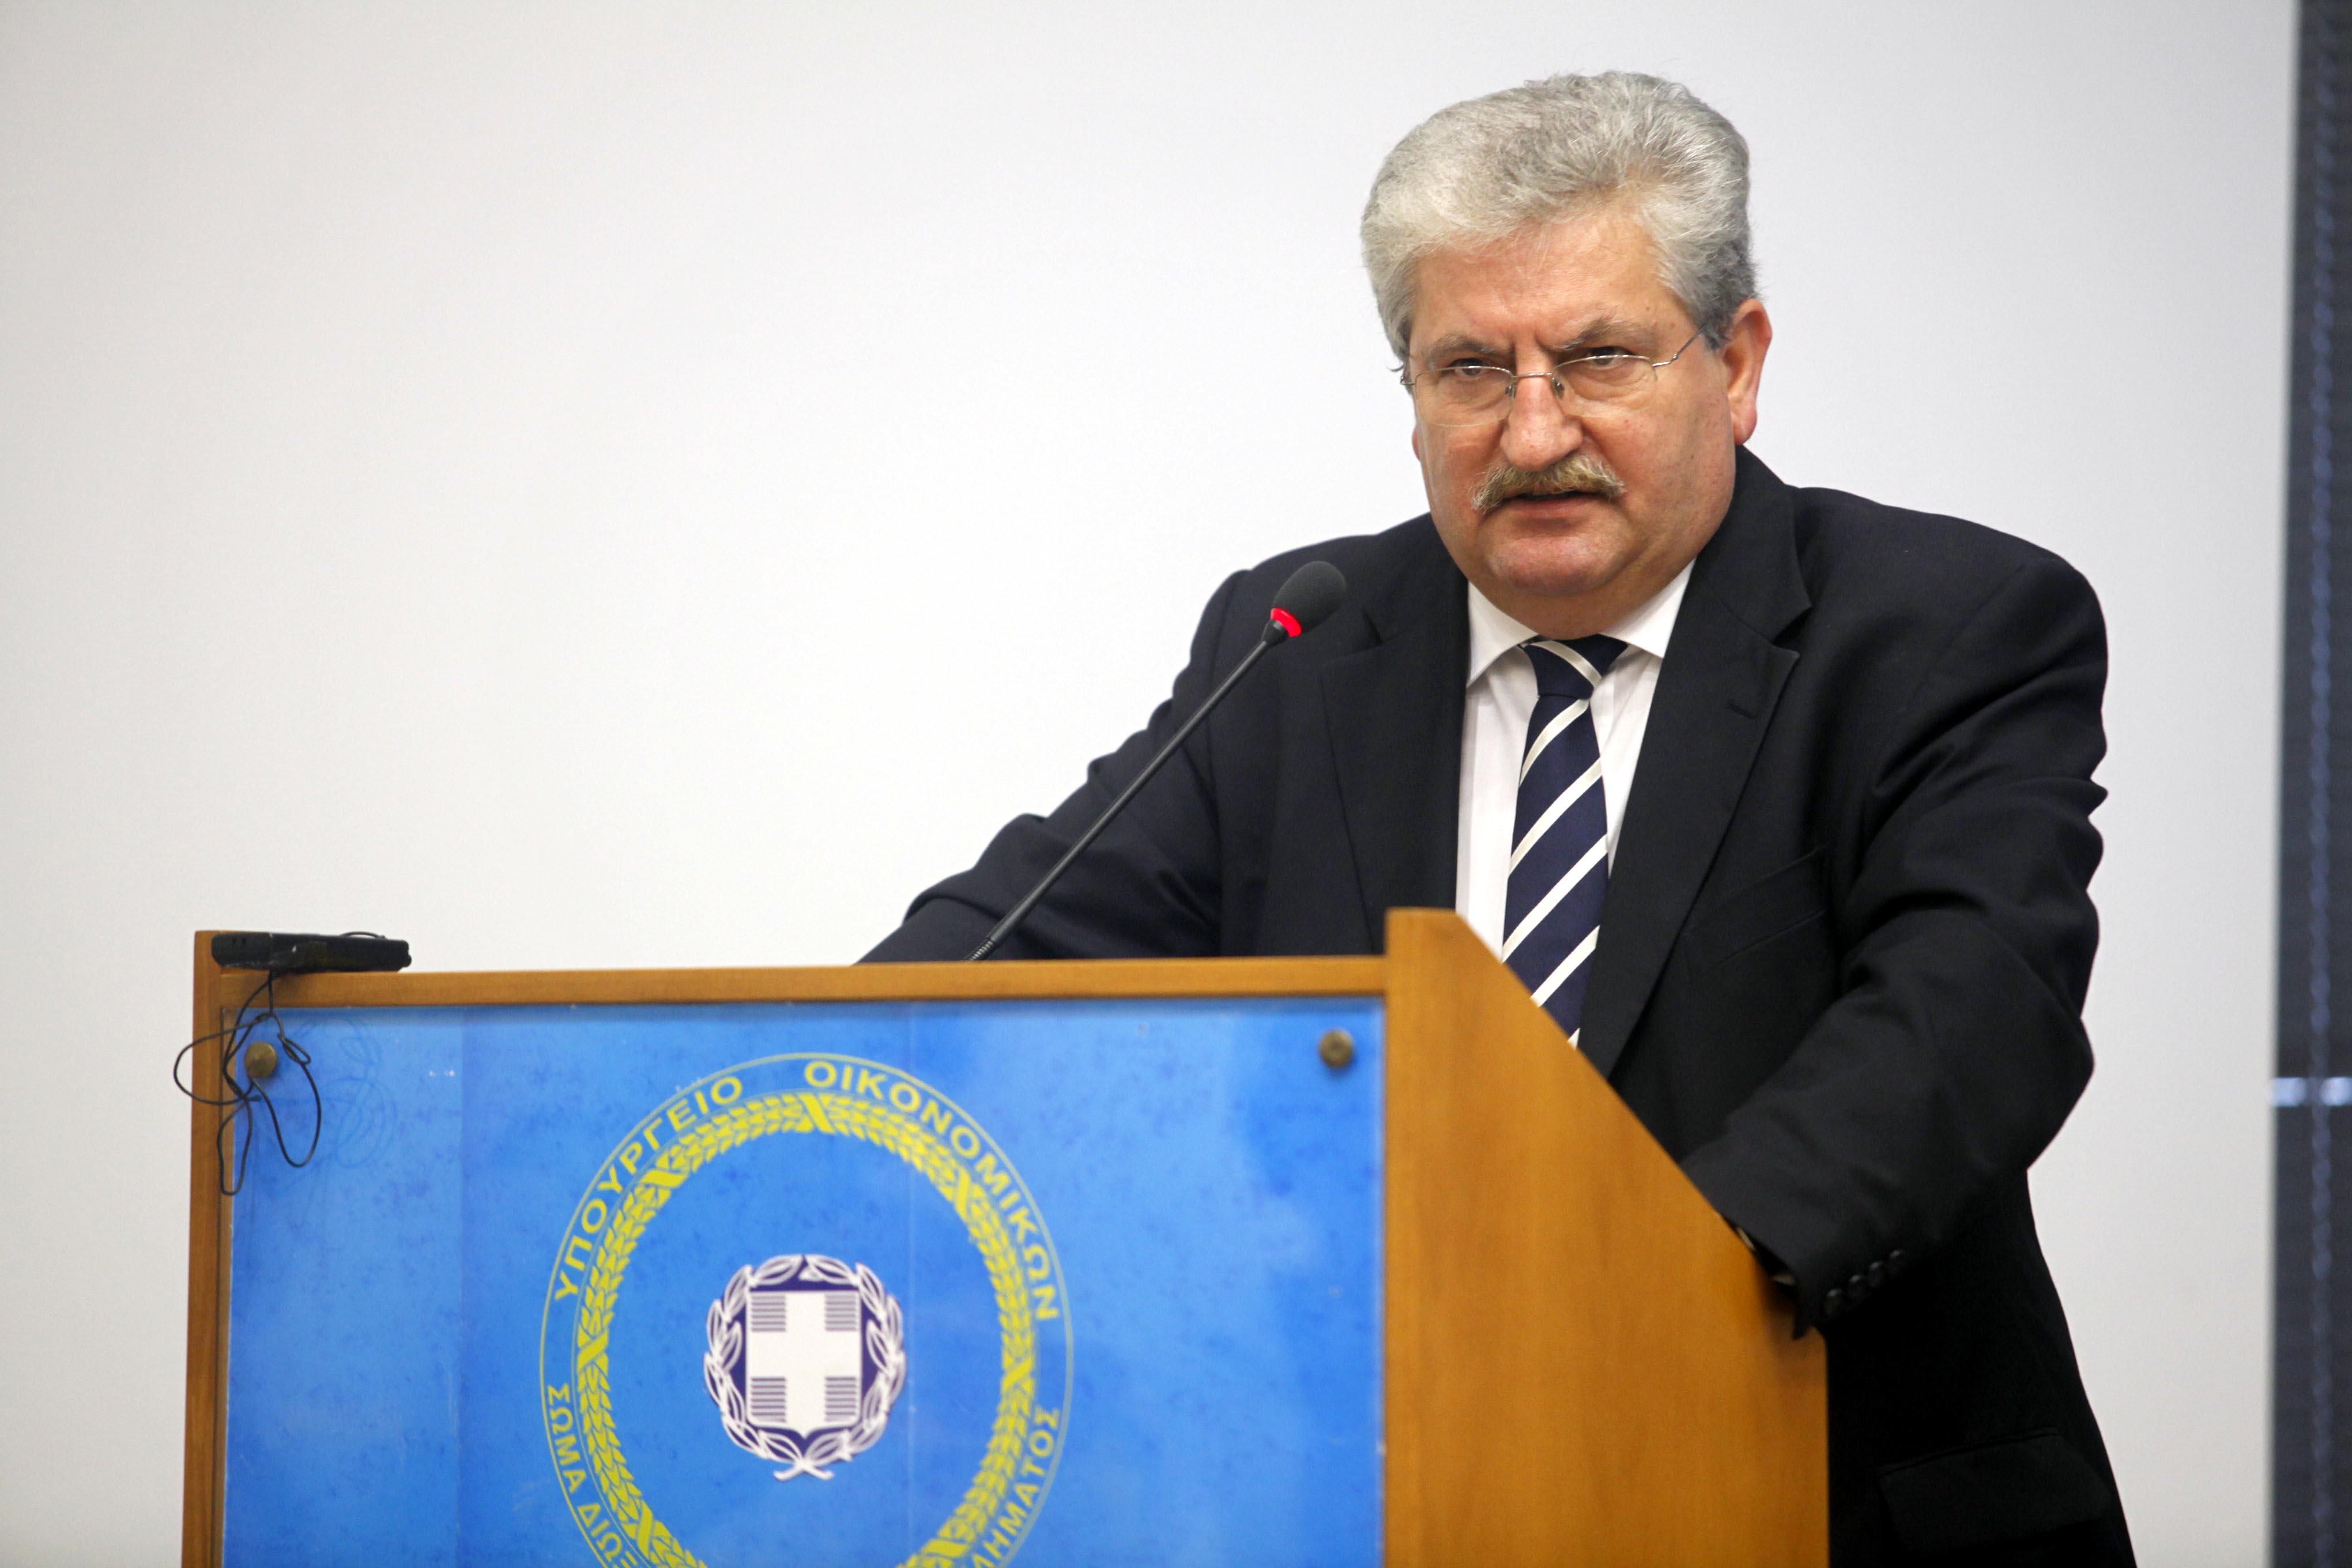 Γρ. Πεπόνης-Σπ. Μουζακίτης: Ξέρουμε πότε μεταγράφηκε το USB – Καλούν Διώτη για εξηγήσεις | tovima.gr